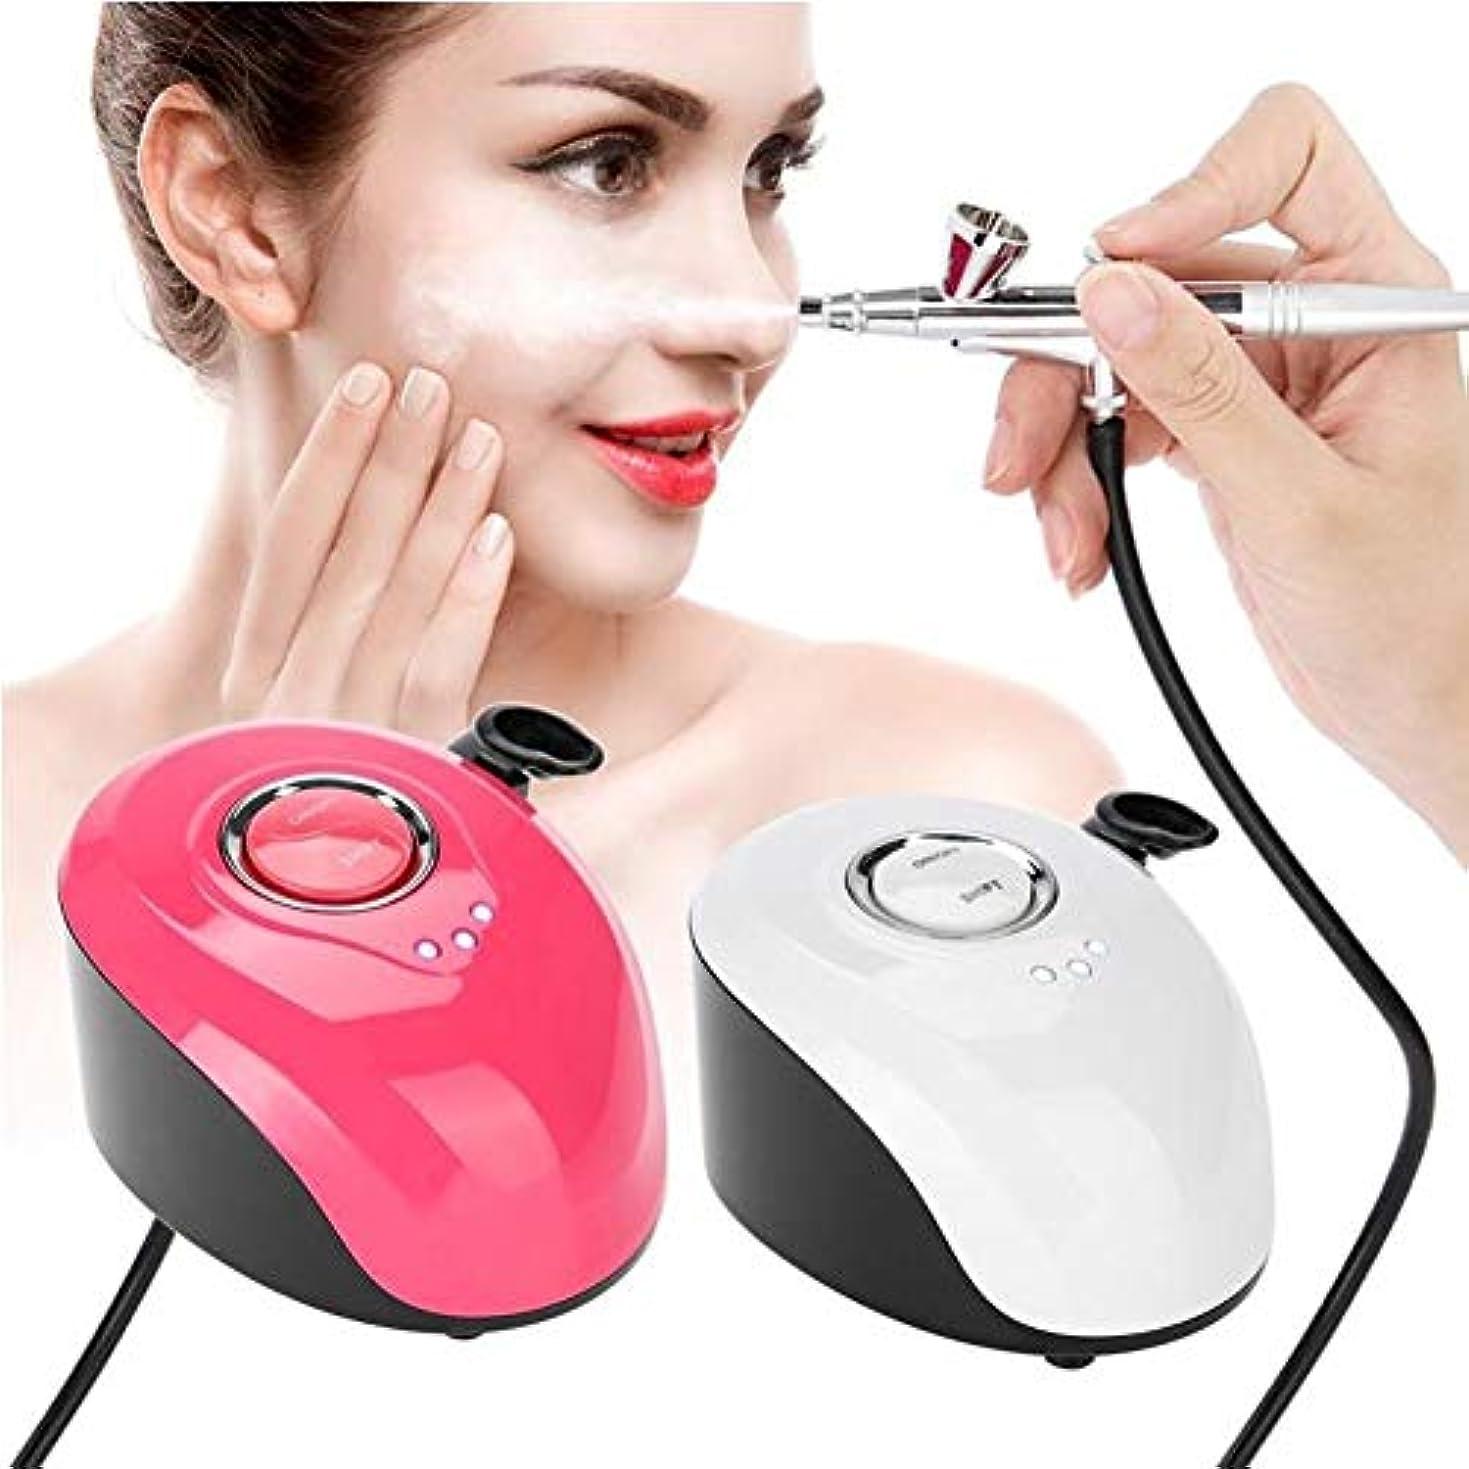 マキシム頬慰め酸素水注射器インジェクター皮膚美容デバイス保湿ホワイトニングアンチエイジング肌の若返りとディープクレンジング高圧水酸素注入修復肌white